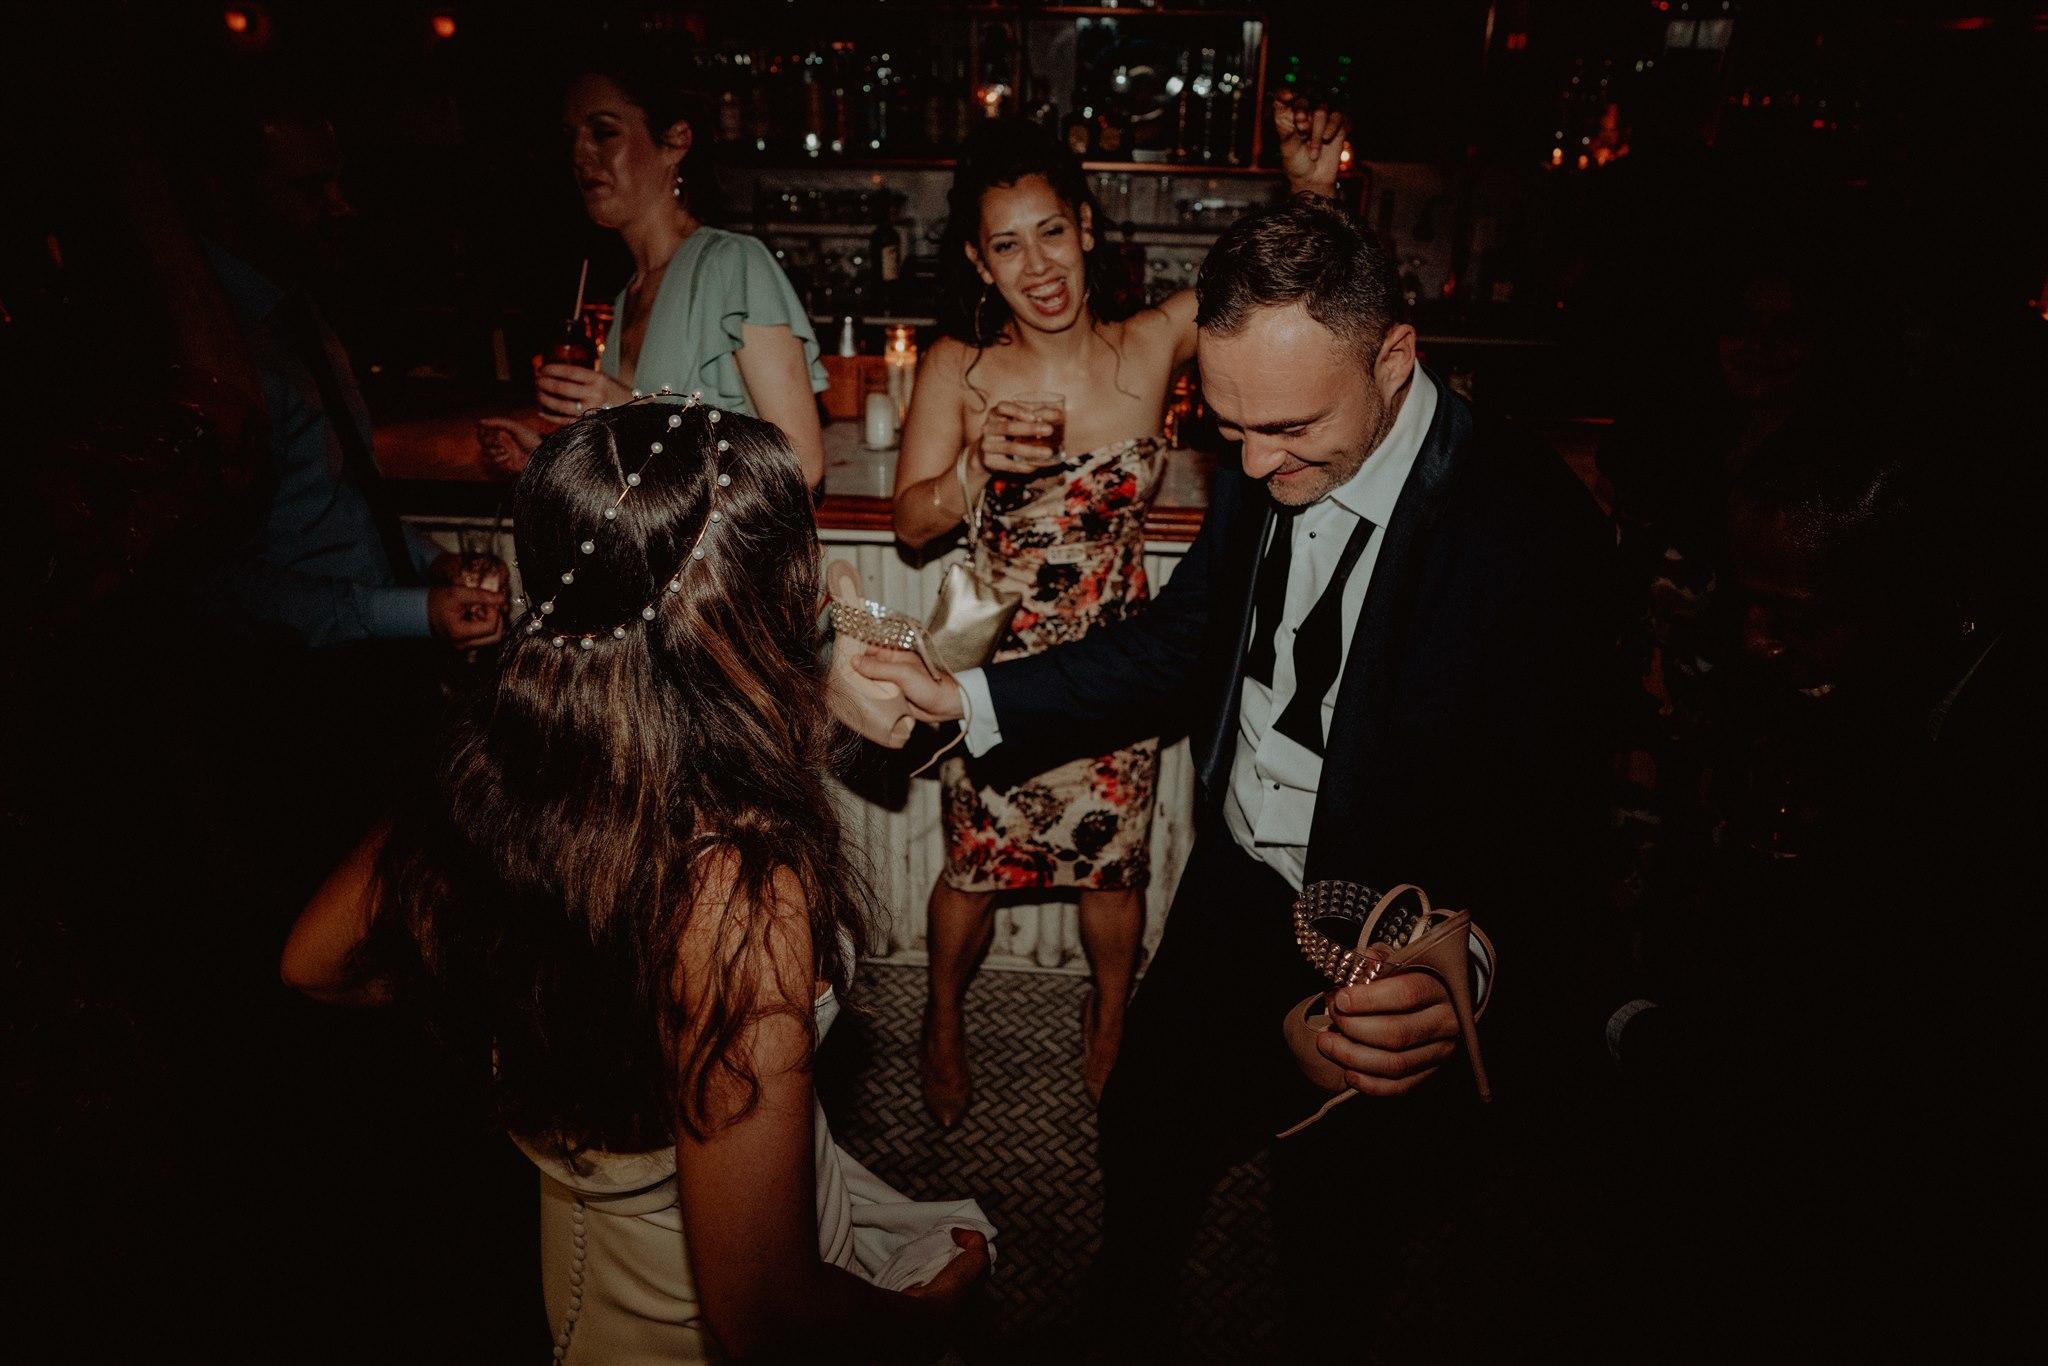 Chellise_Michael_Photography_Ramona_Brooklyn_Wedding_Photographer-836.jpg